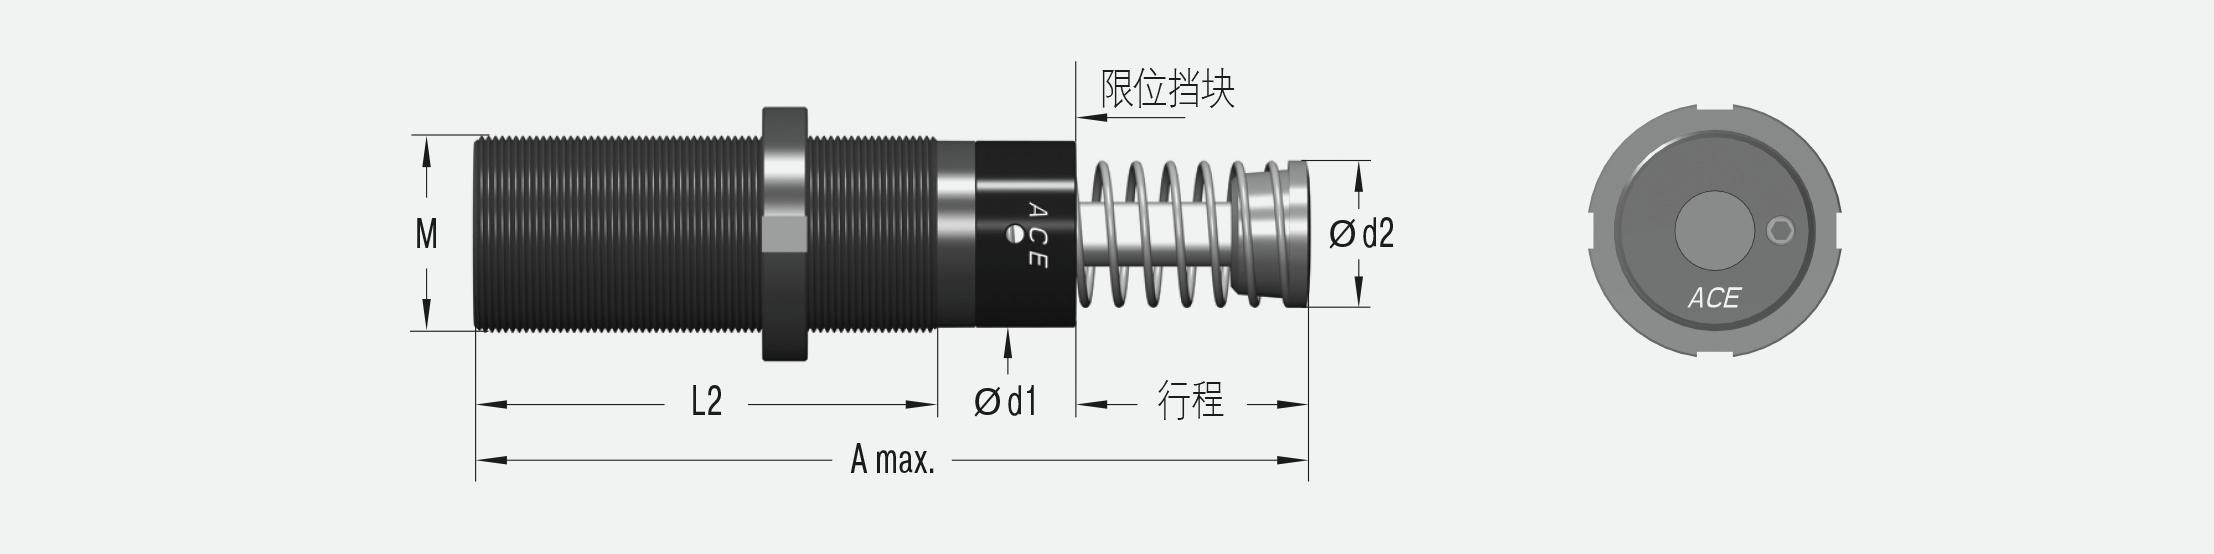 MC4575M-4